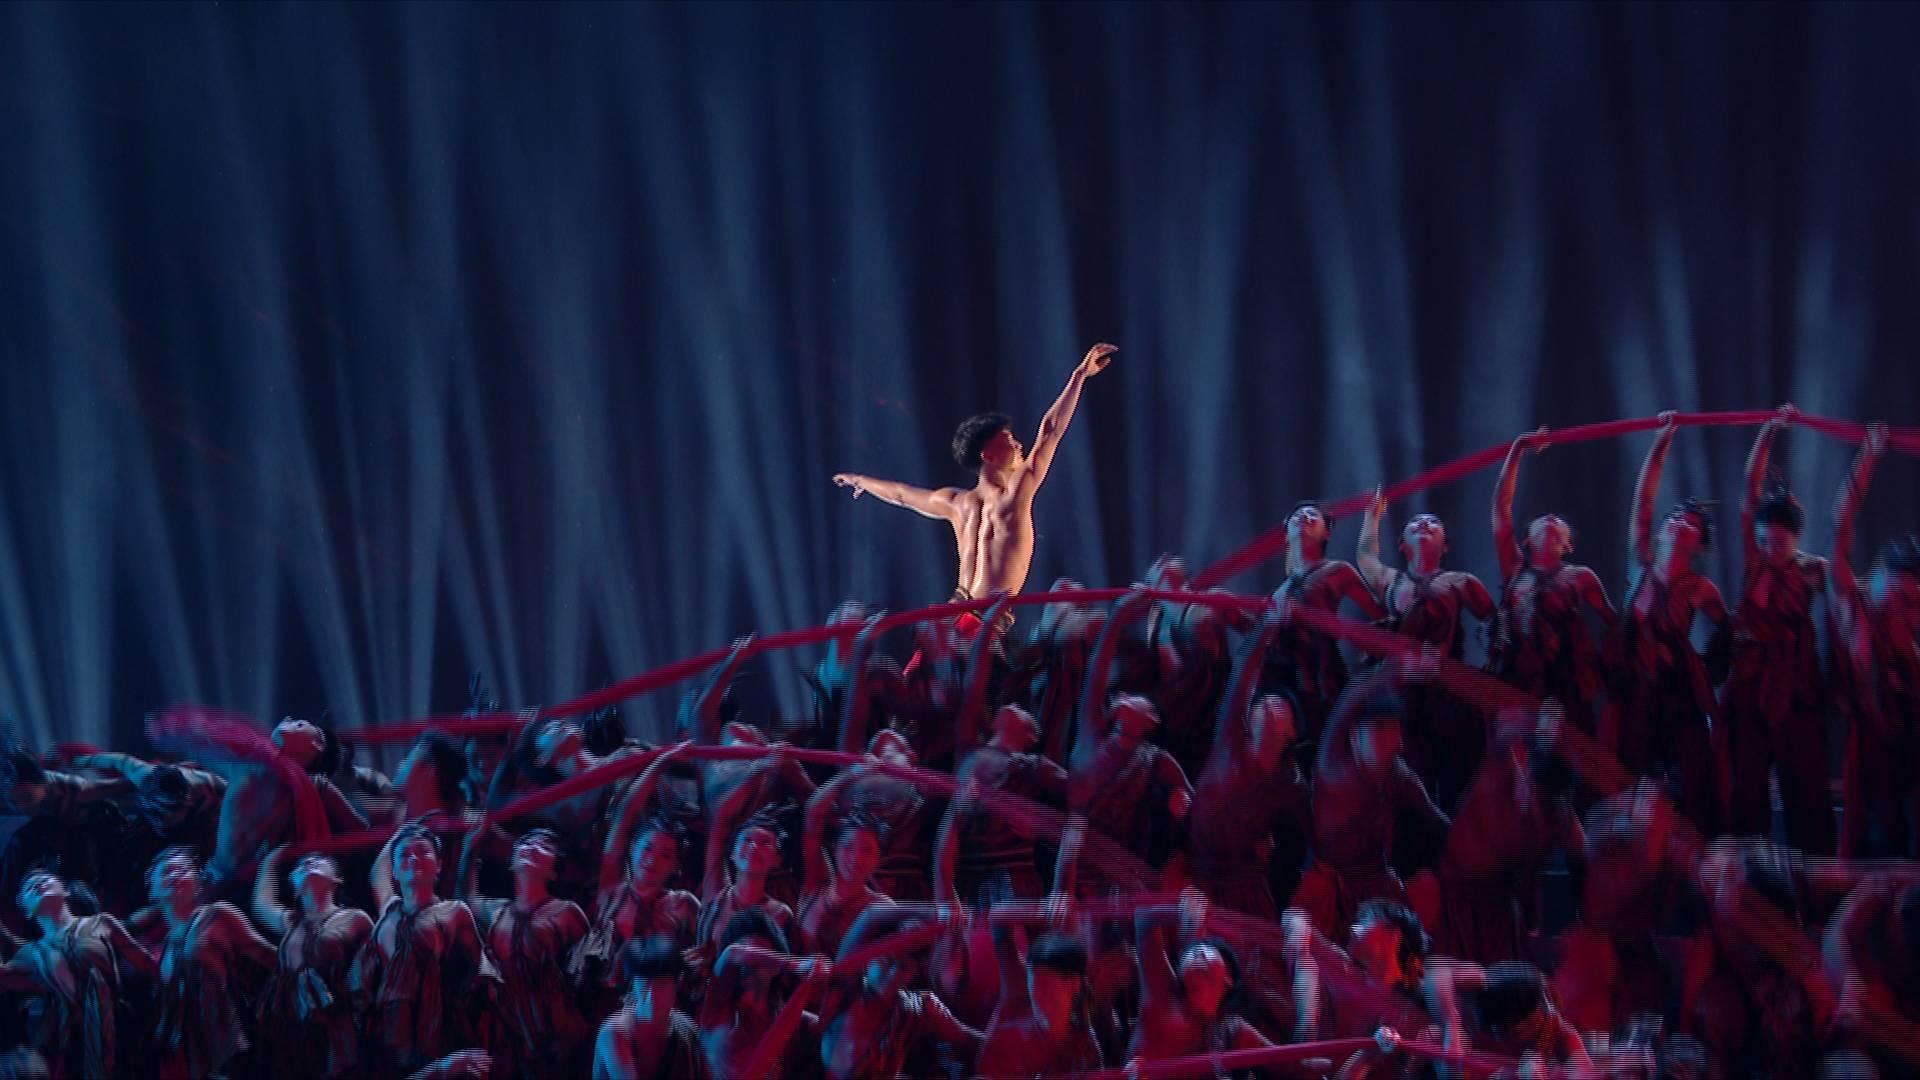 """歌剧《沂蒙山》主演唱响""""人民就是江山"""":为你牺牲所有心甘情愿!"""